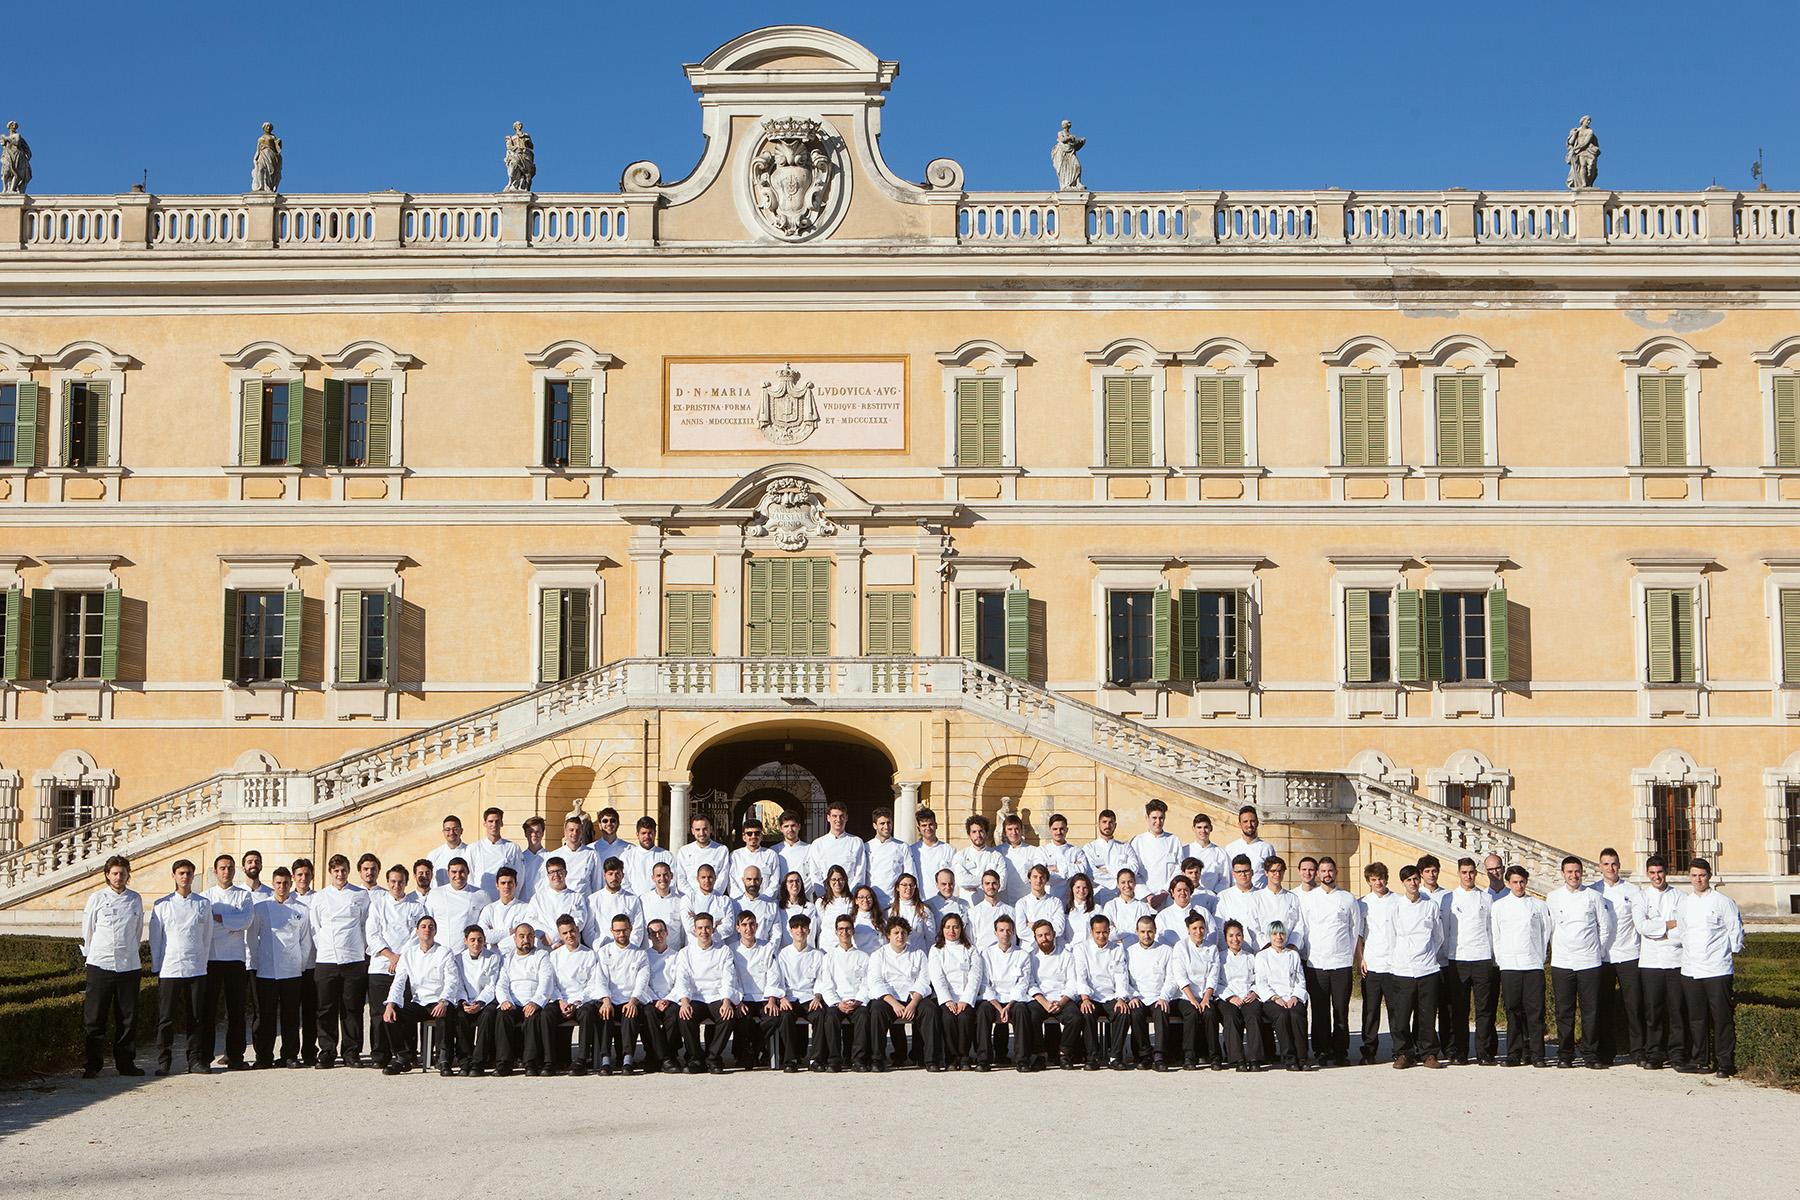 Alma nuova edizione del corso superiore di cucina italiana al via scuola di cucina la madia - Corso cucina italiana ...